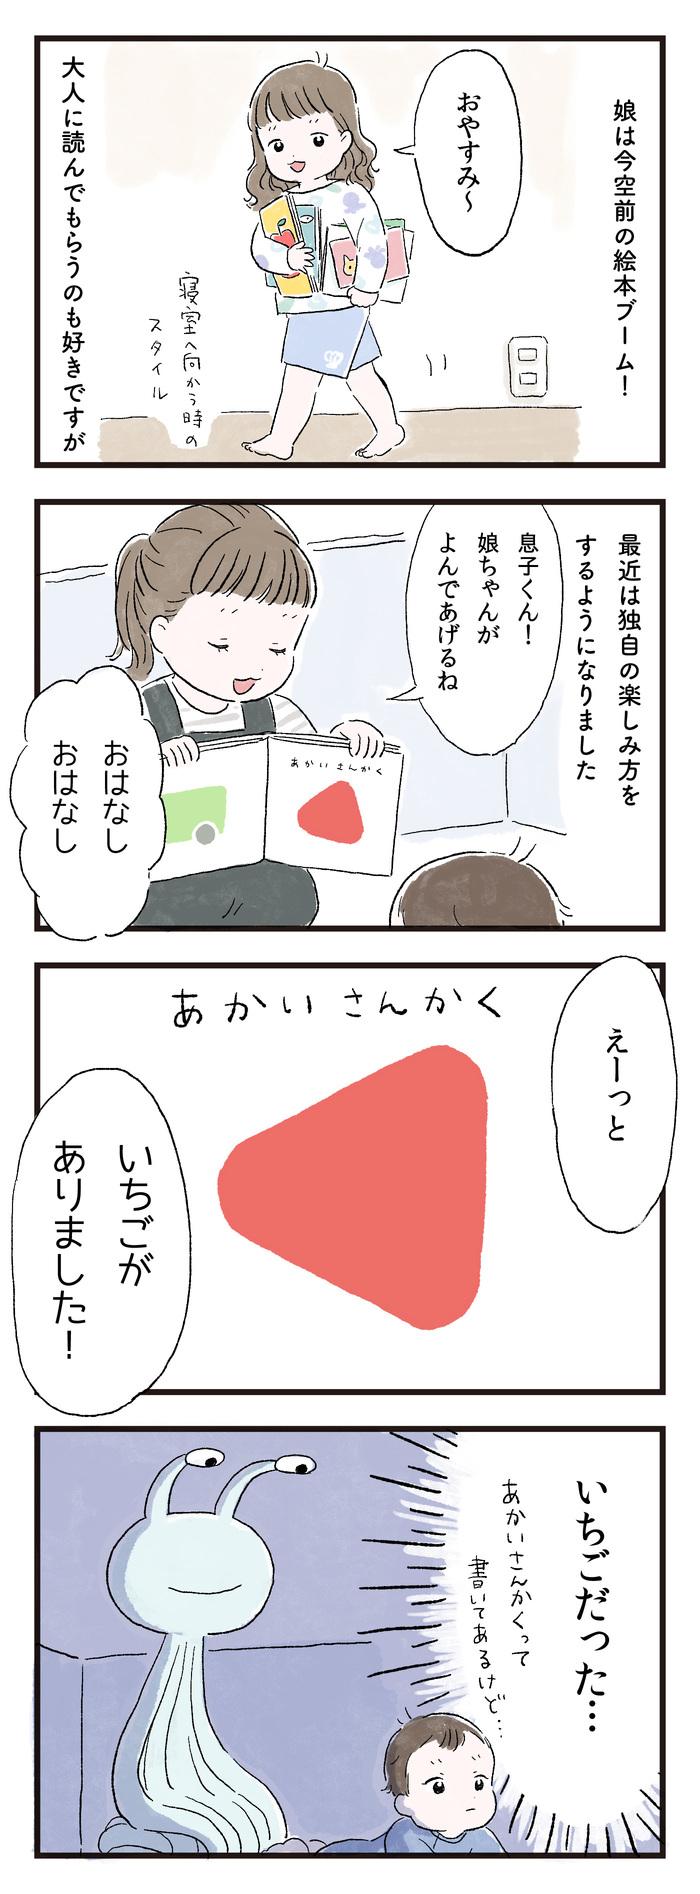 絵本ブームの娘が、弟に読む物語♡これは展開が読めない~!の画像1